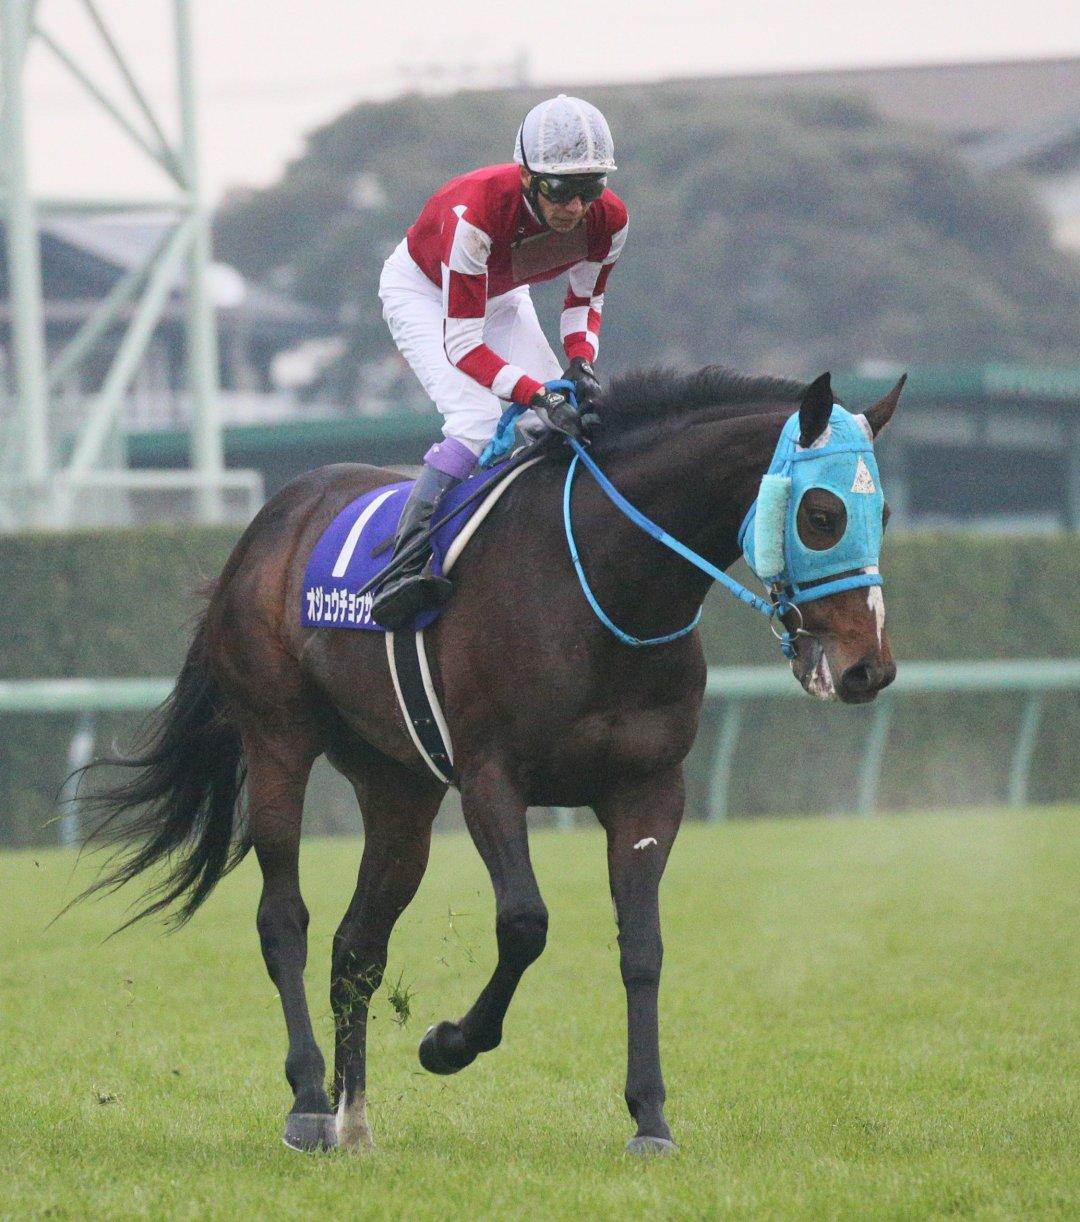 第63回有馬記念(GⅠ)。レースを終えた武豊騎乗のオジュウチョウサン=2018年12月23日、千葉・中山競馬場